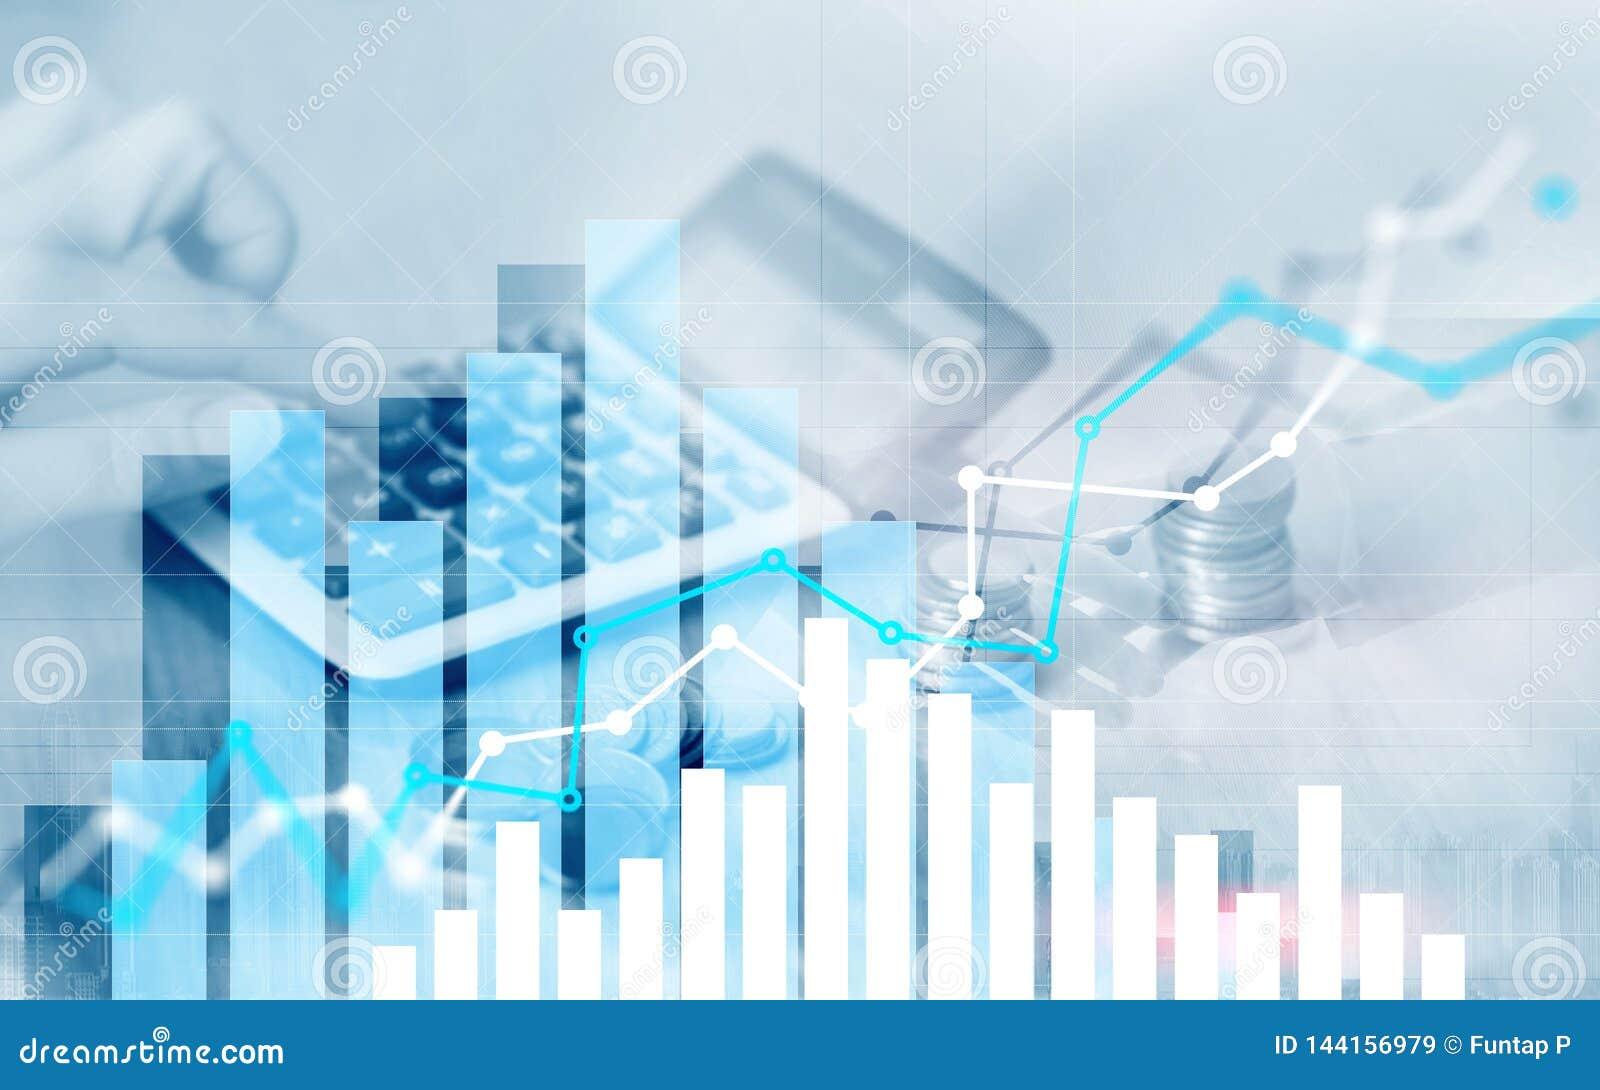 Grafiek op rijen van muntstukken voor bankwezen, financiën op digitale effectenbeurs financiële uitwisseling en handelgrafiek